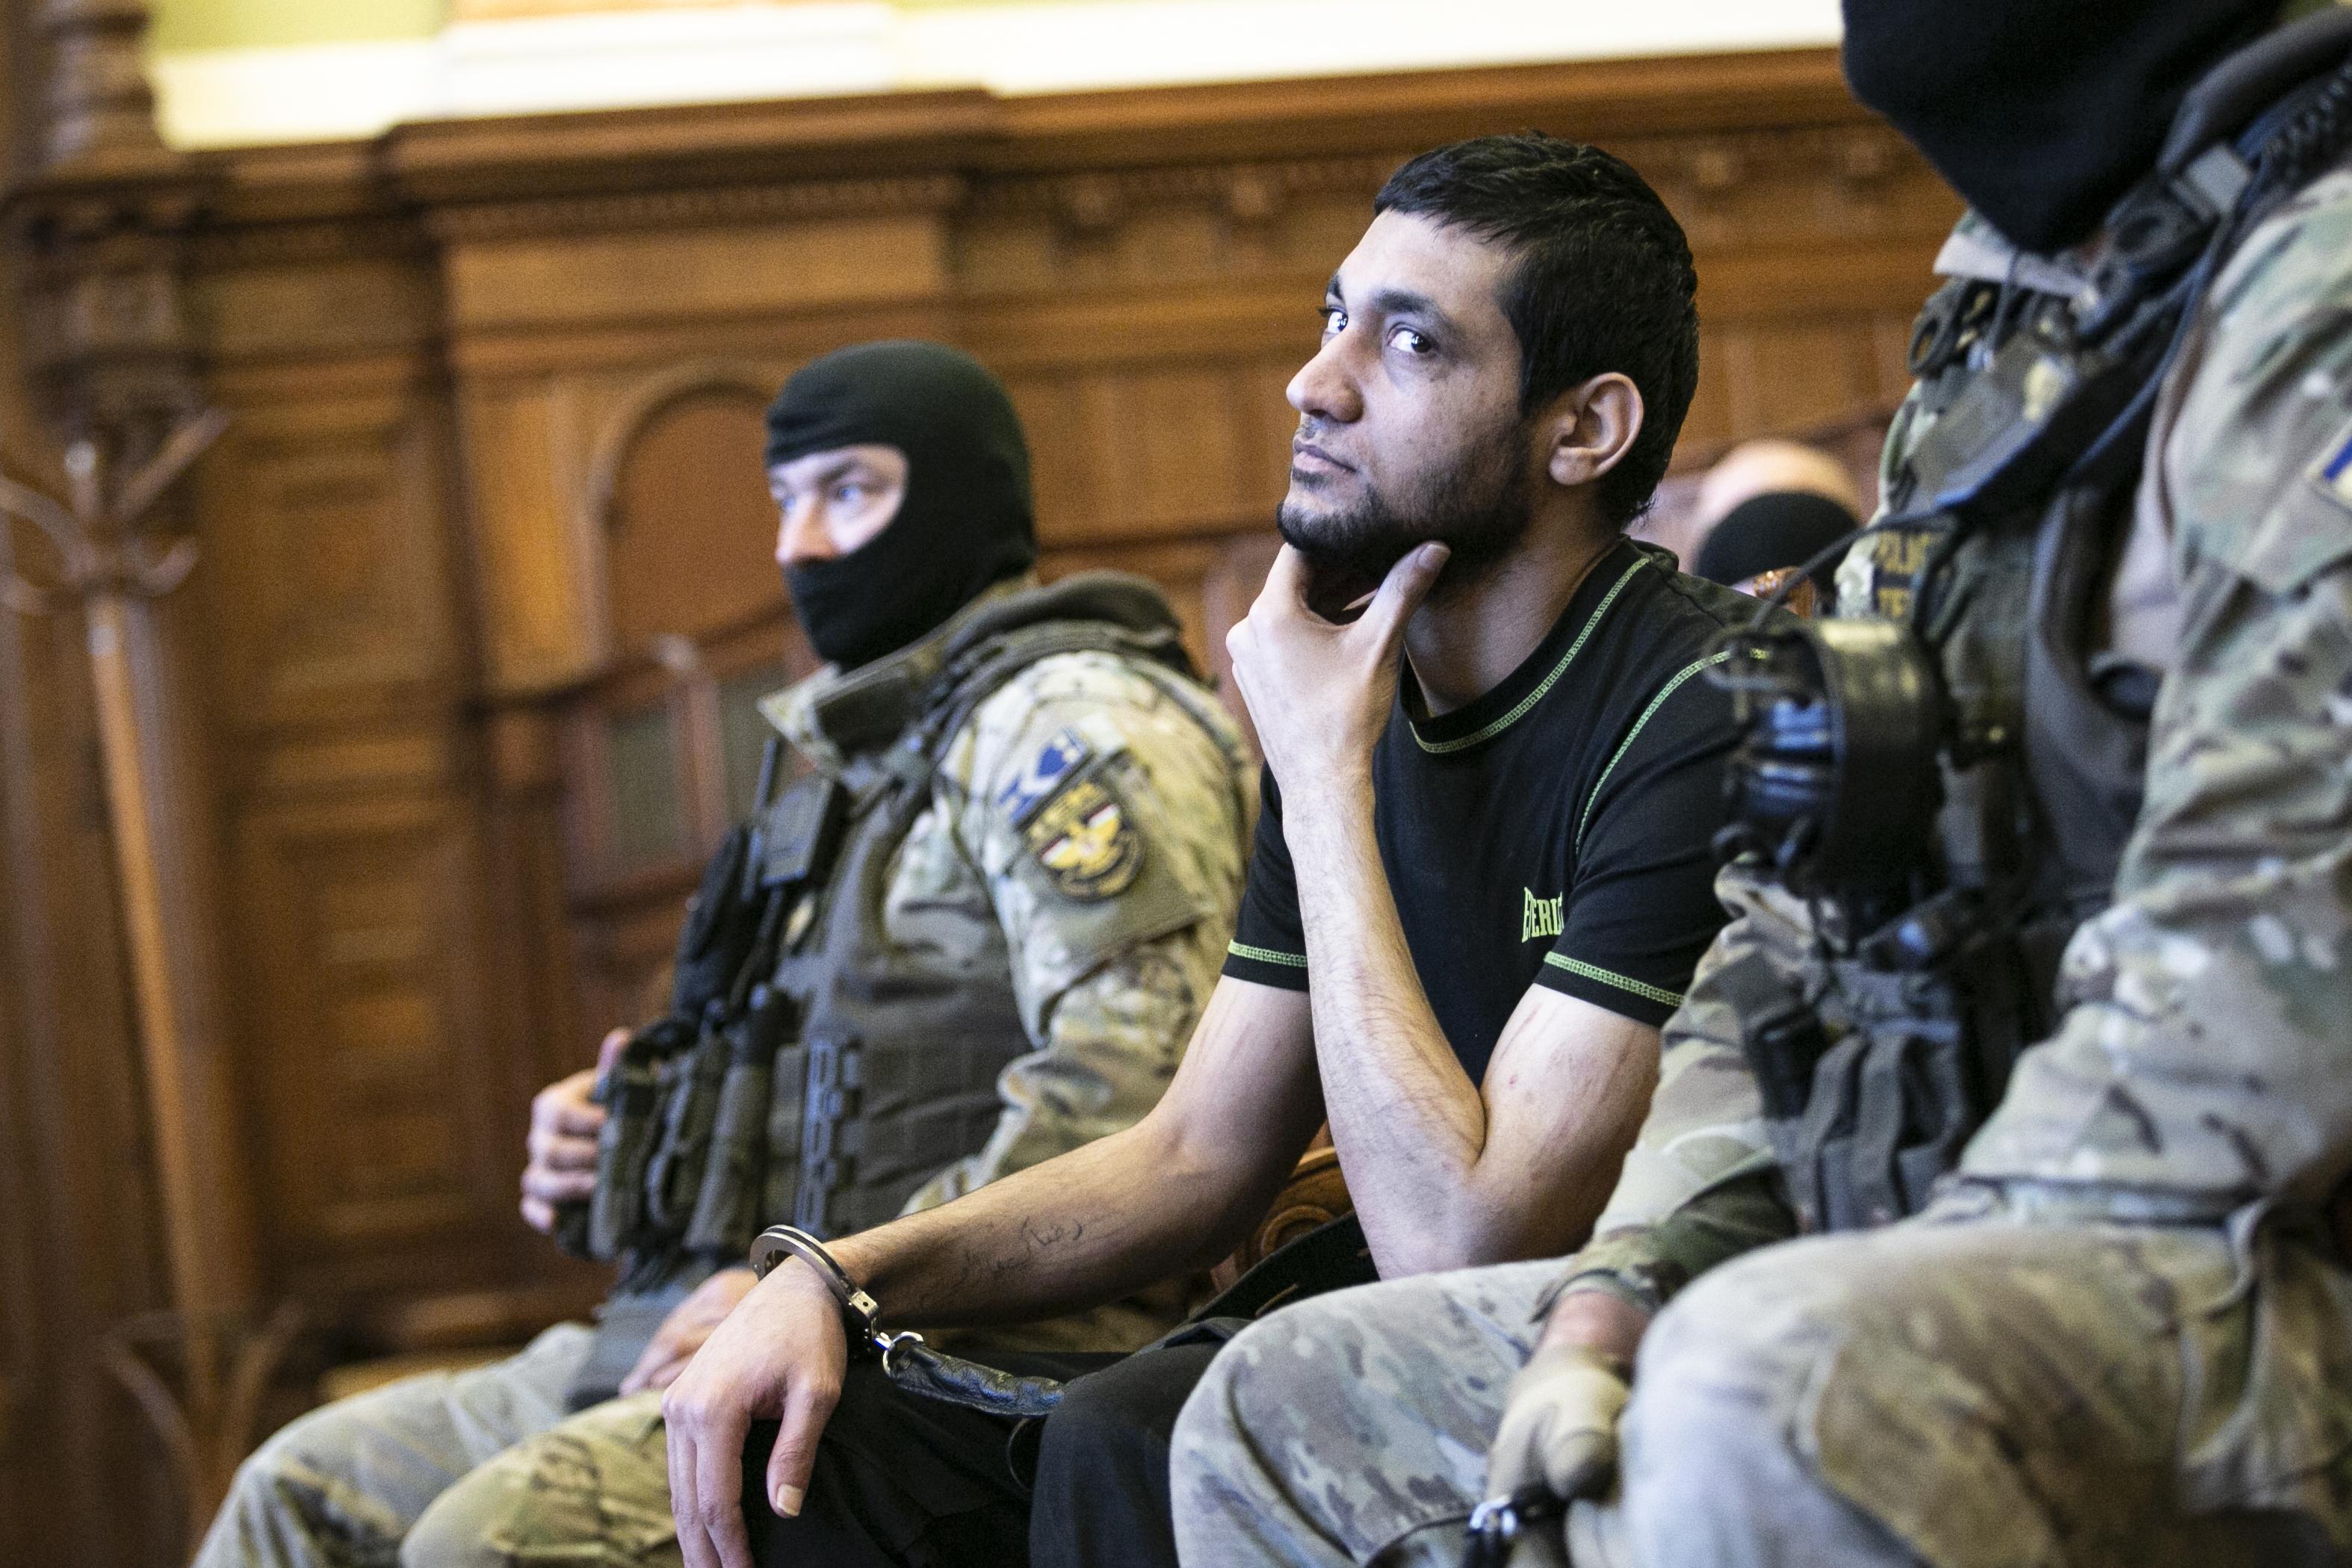 """""""Magasba emelték a levágott fejet, és azt üvöltötték, hogy Allahu Akbar!!"""""""